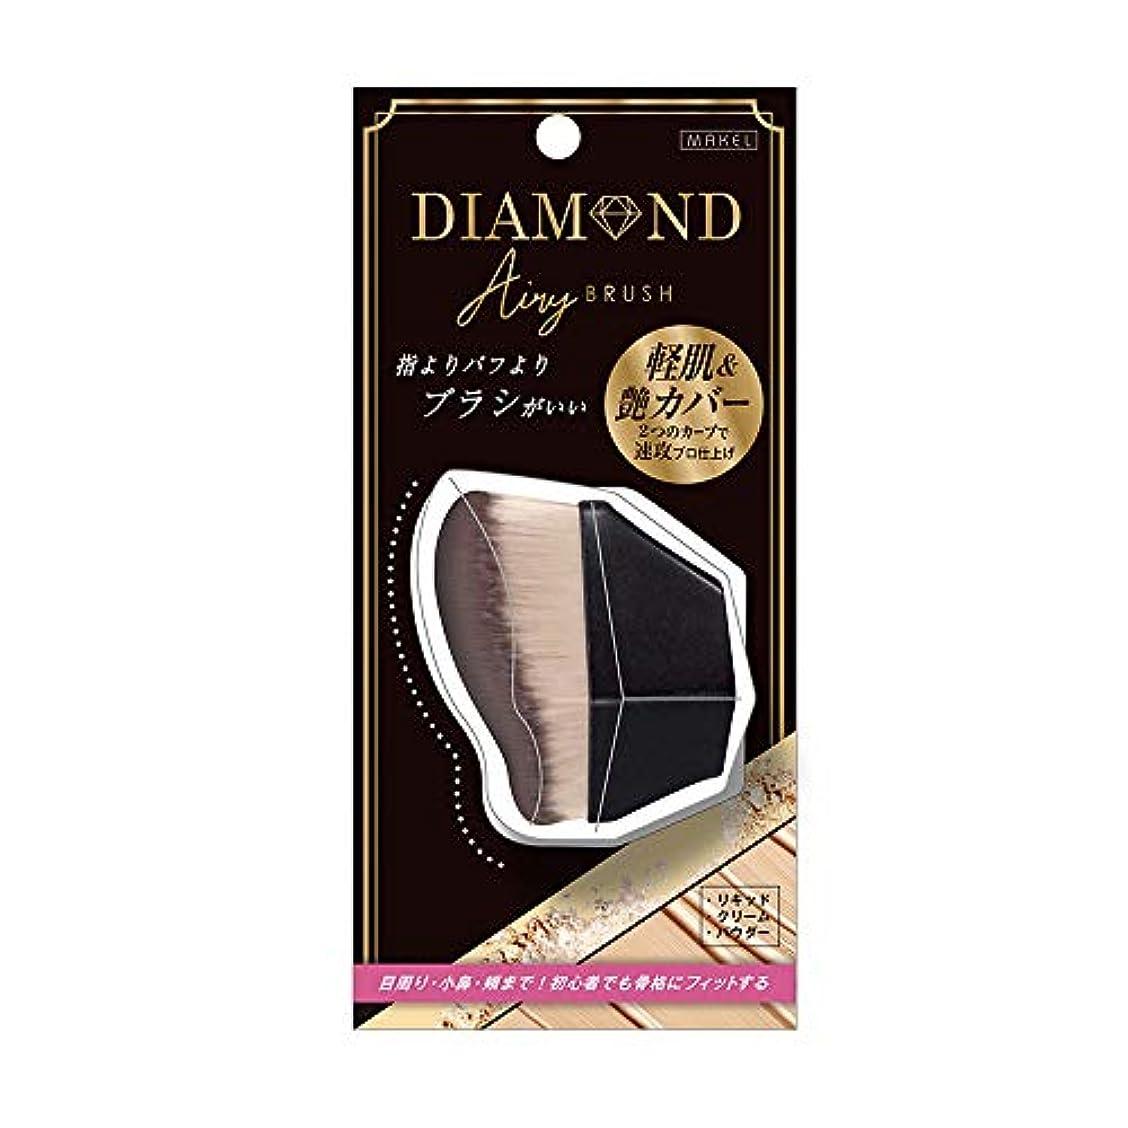 フクロウ敏感な対応するメイクル ダイヤモンドエアリーブラシ メイクブラシ 1個